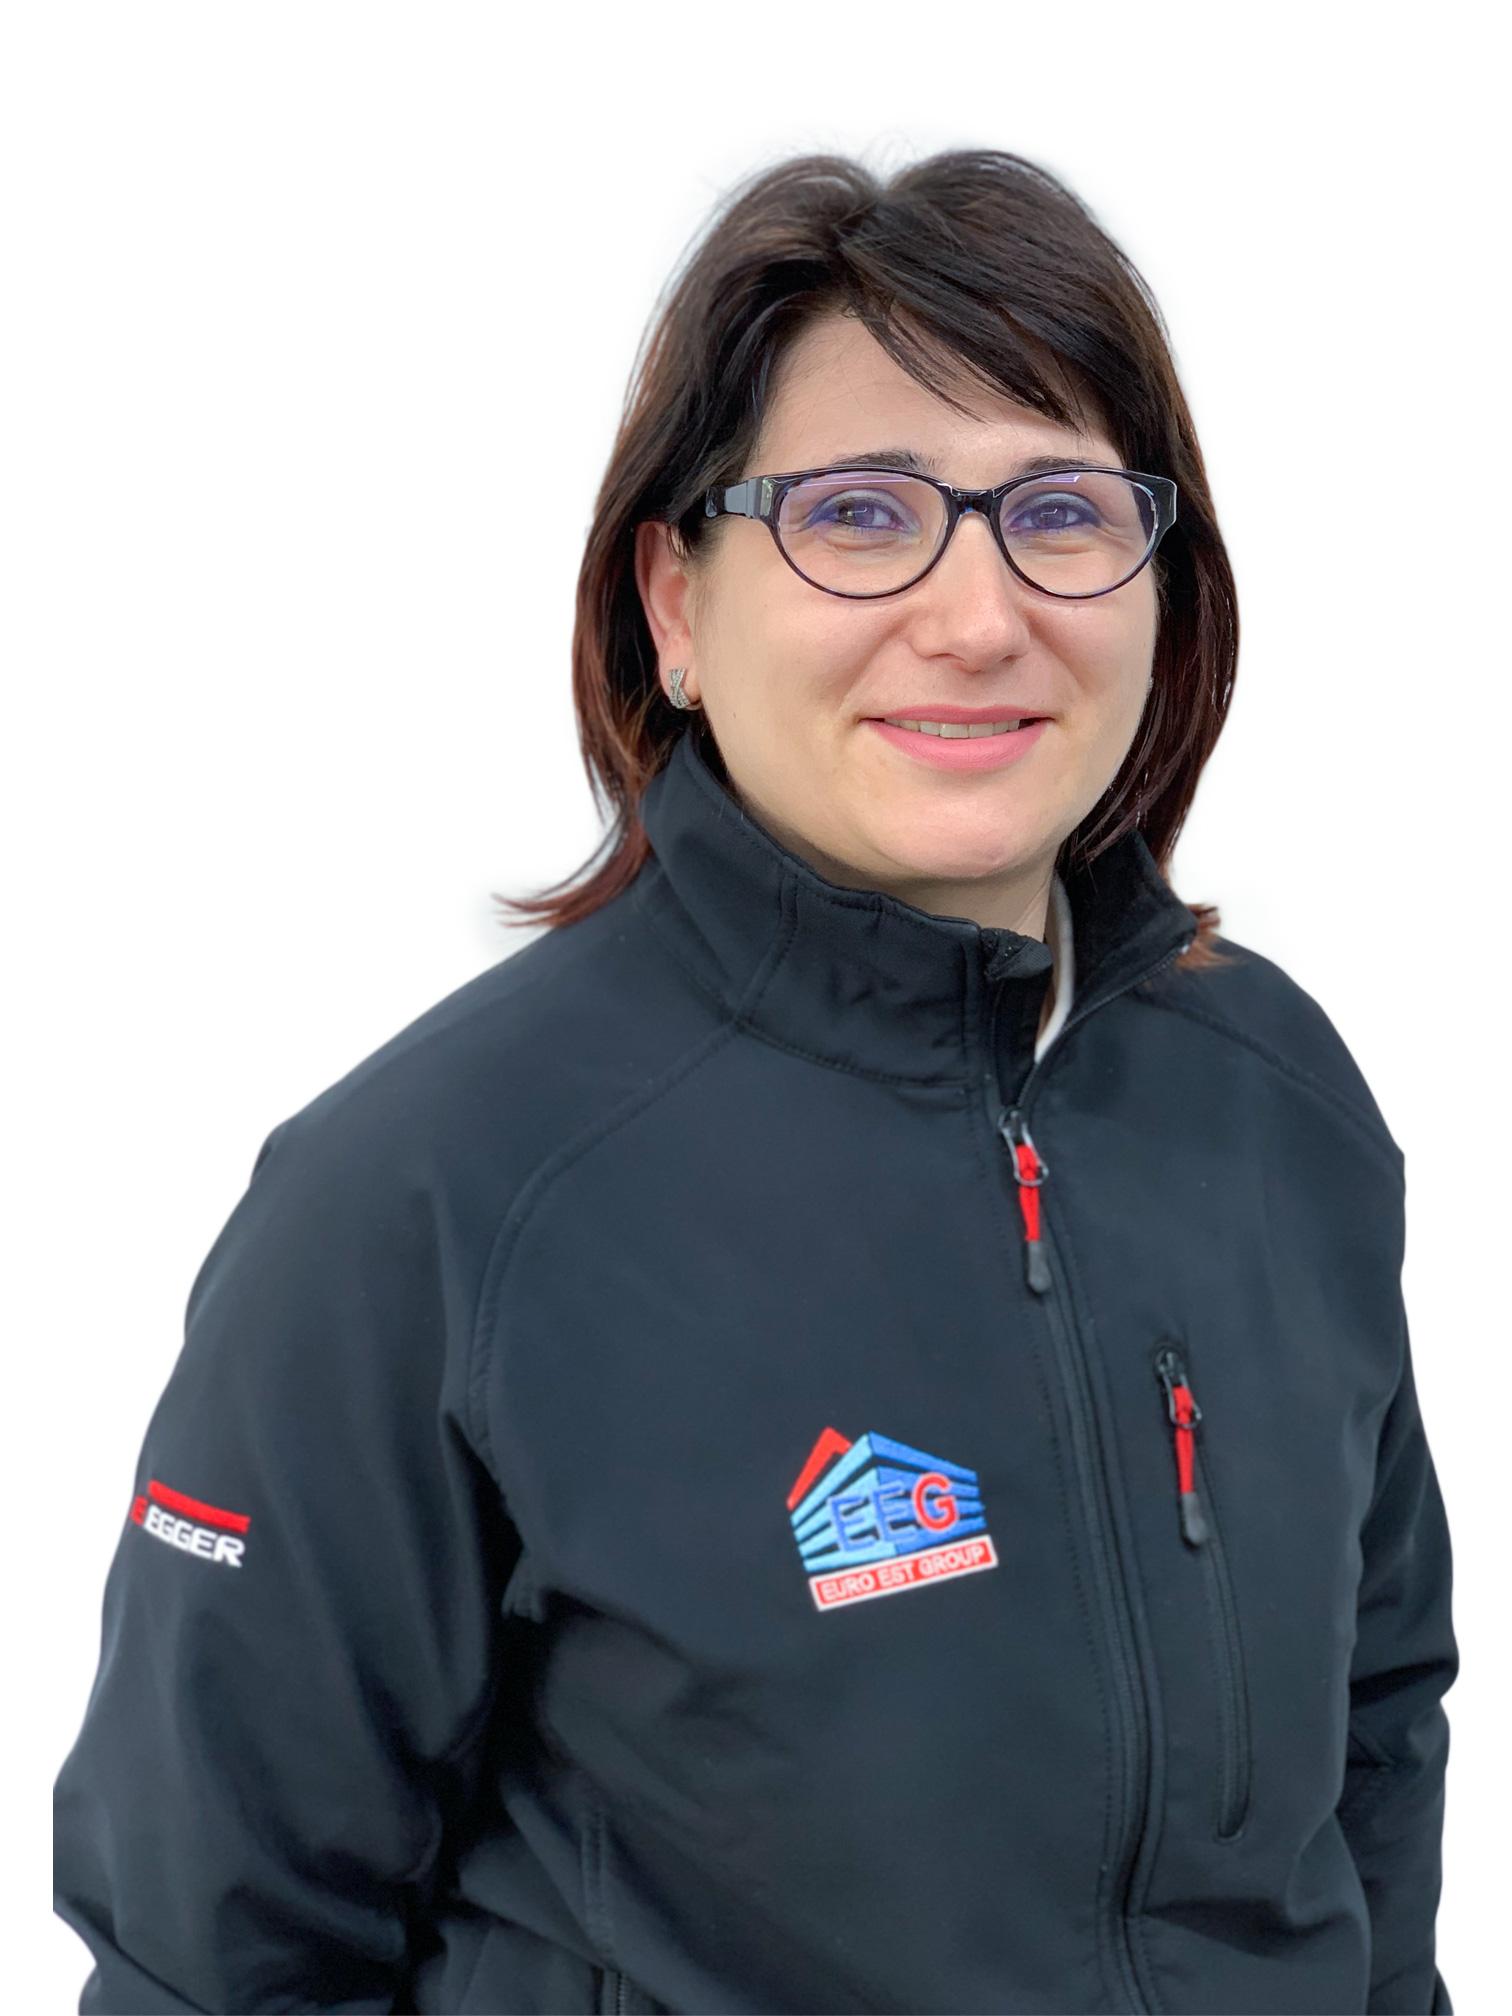 Mona Cosmiuc